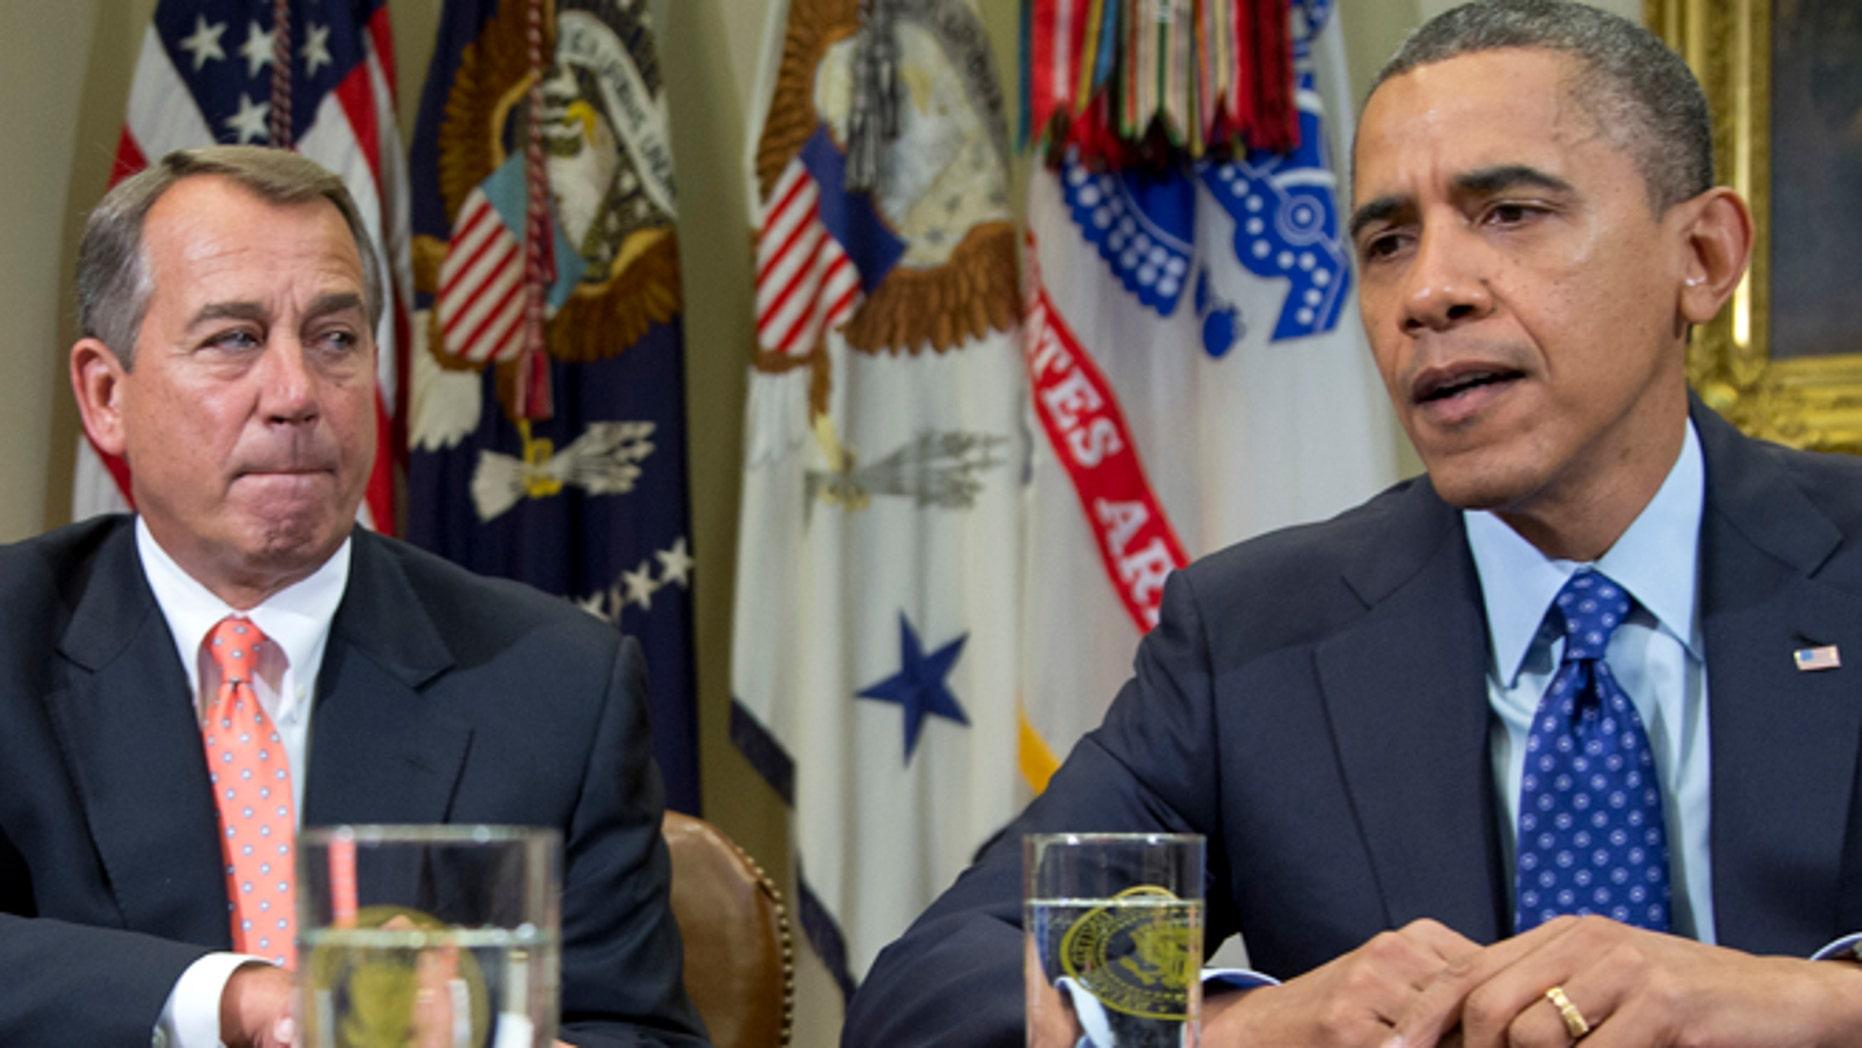 """En esta foto del 16 de noviembre de 2012 aparecen el presidente Barack Obama y el líder de la Cámara de Representantes, John Boehner, en una conferencia de prensa en la Casa Blanca. El miércoles 12 de diciembre, Boehner dijo que persisten las """"graves diferencias"""" en las conversaciones sobre el precipicio fiscal (AP Foto/Carolyn Kaster, archivo)"""